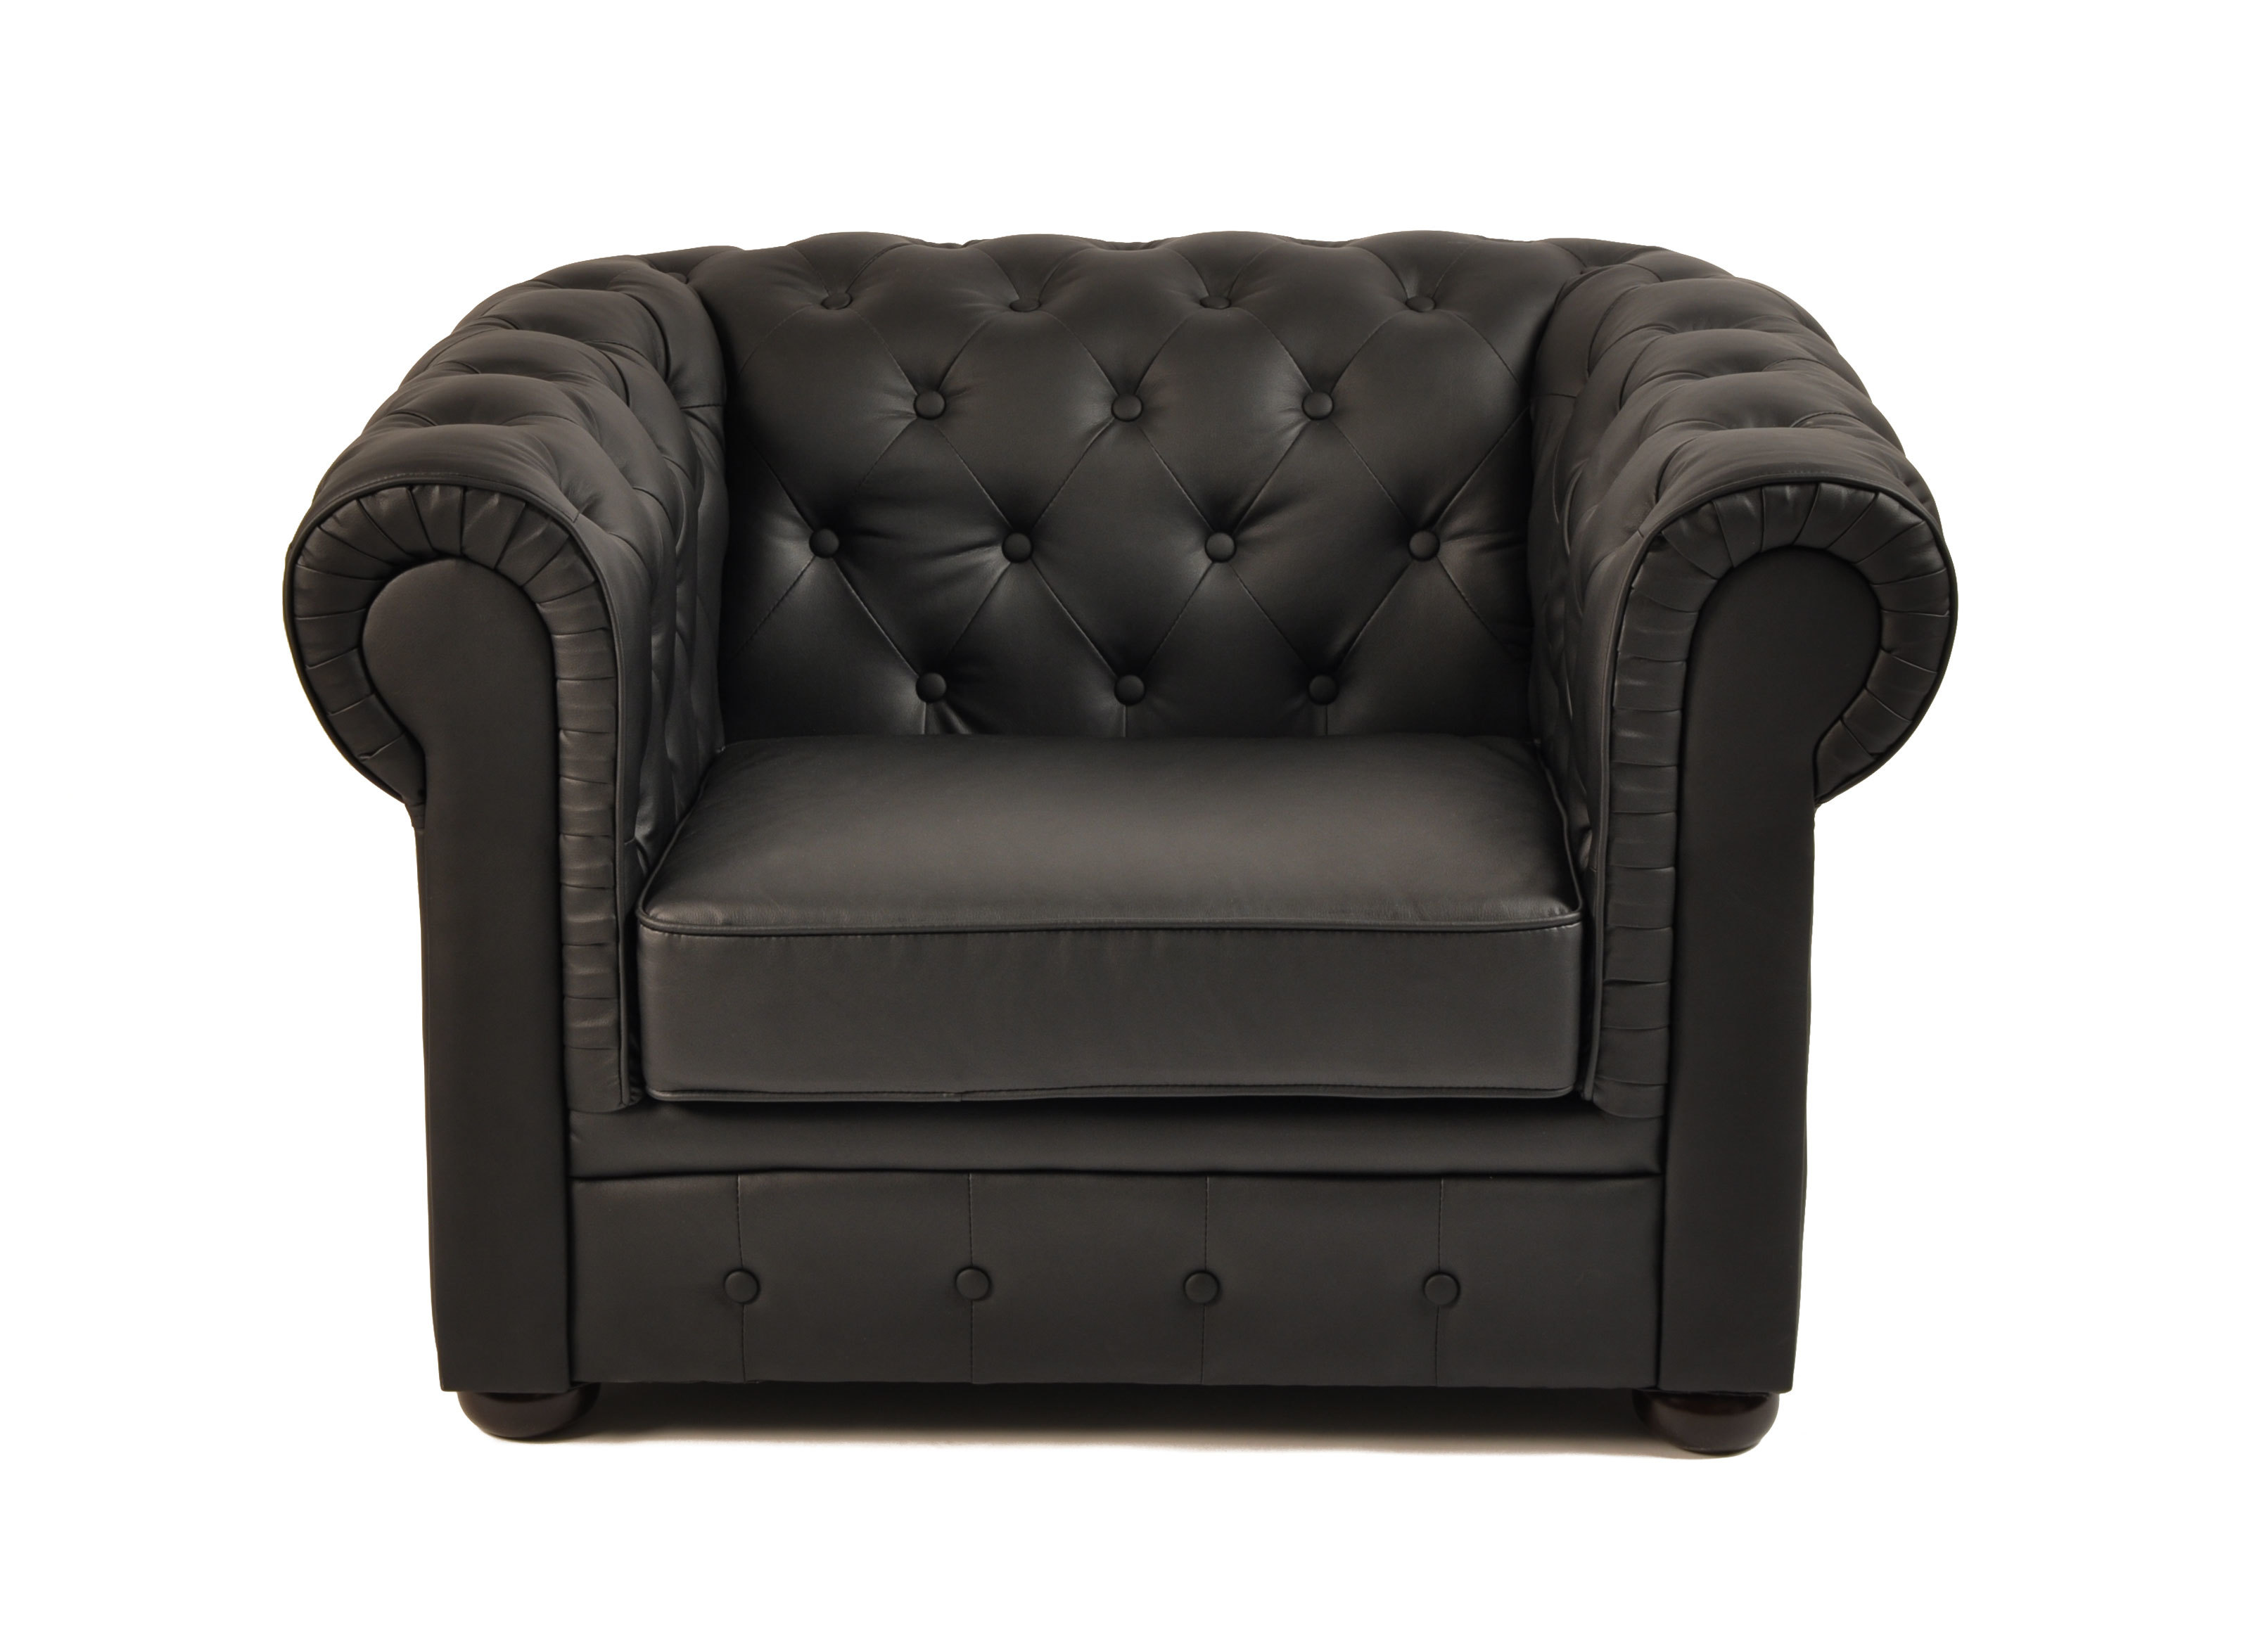 Poltrona Chesterfield colore nero